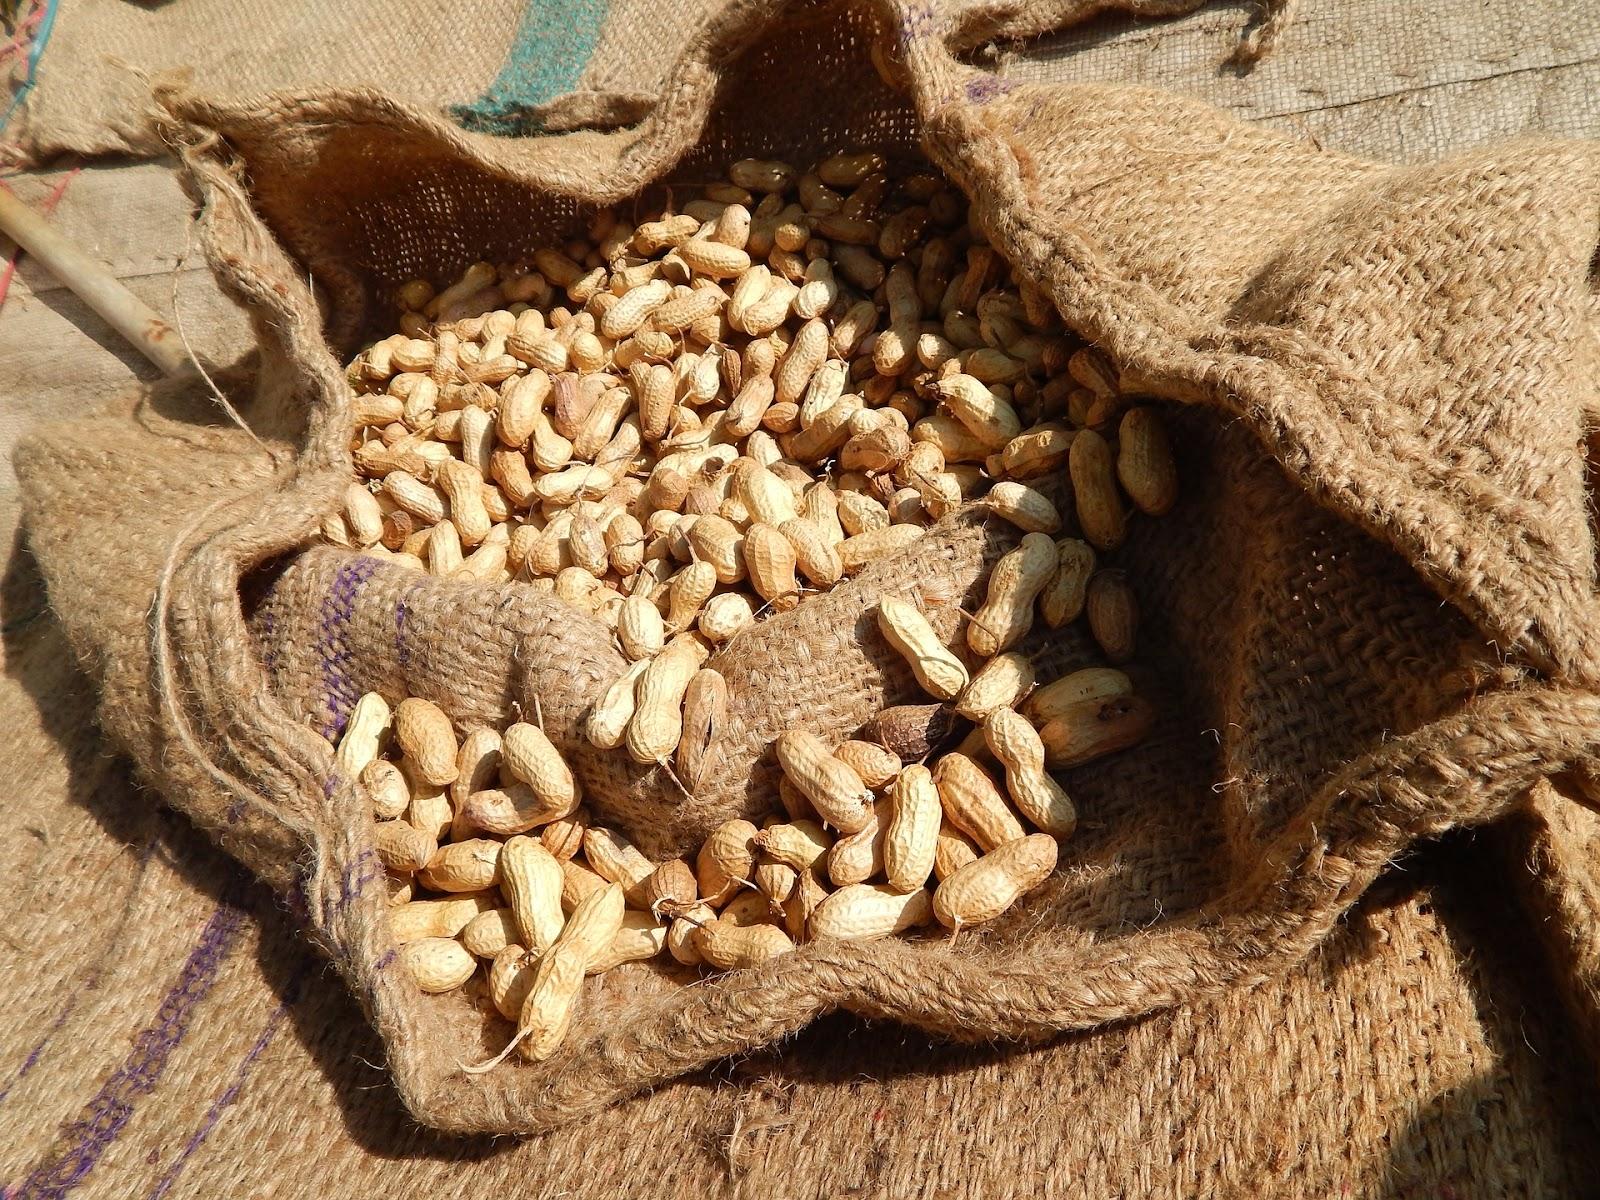 opérations culturales post-récoltes de l'arachide: obtenir de bonnes gousses pour faciliter la conservation